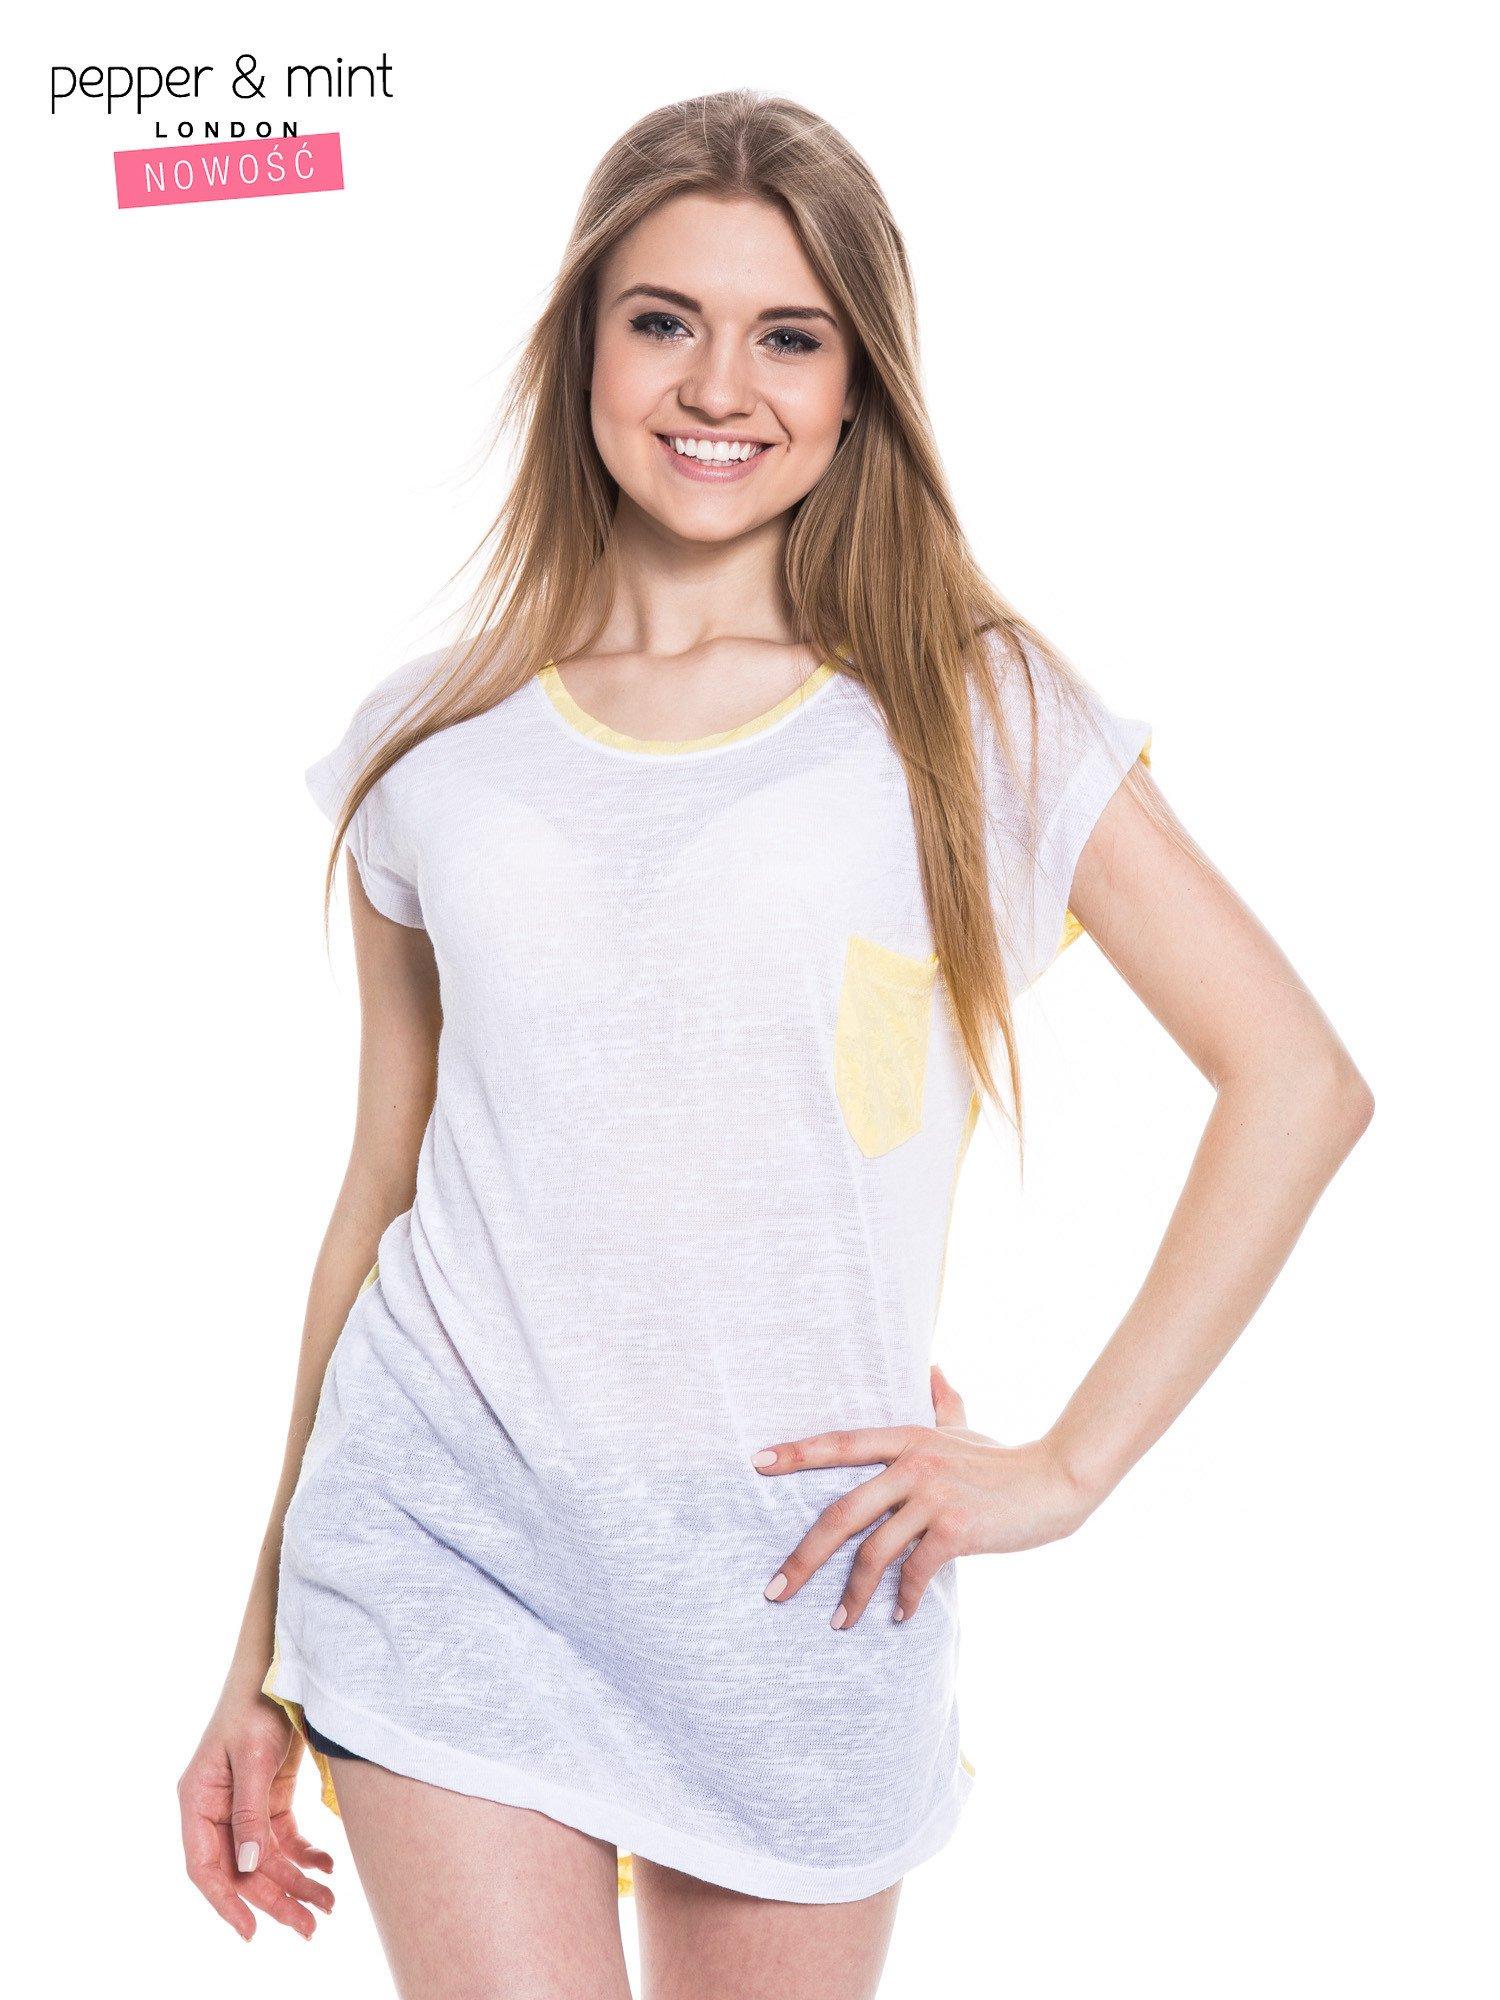 Biały t-shirt z wydłużanym tyłem w kolorze żółtym                                  zdj.                                  1